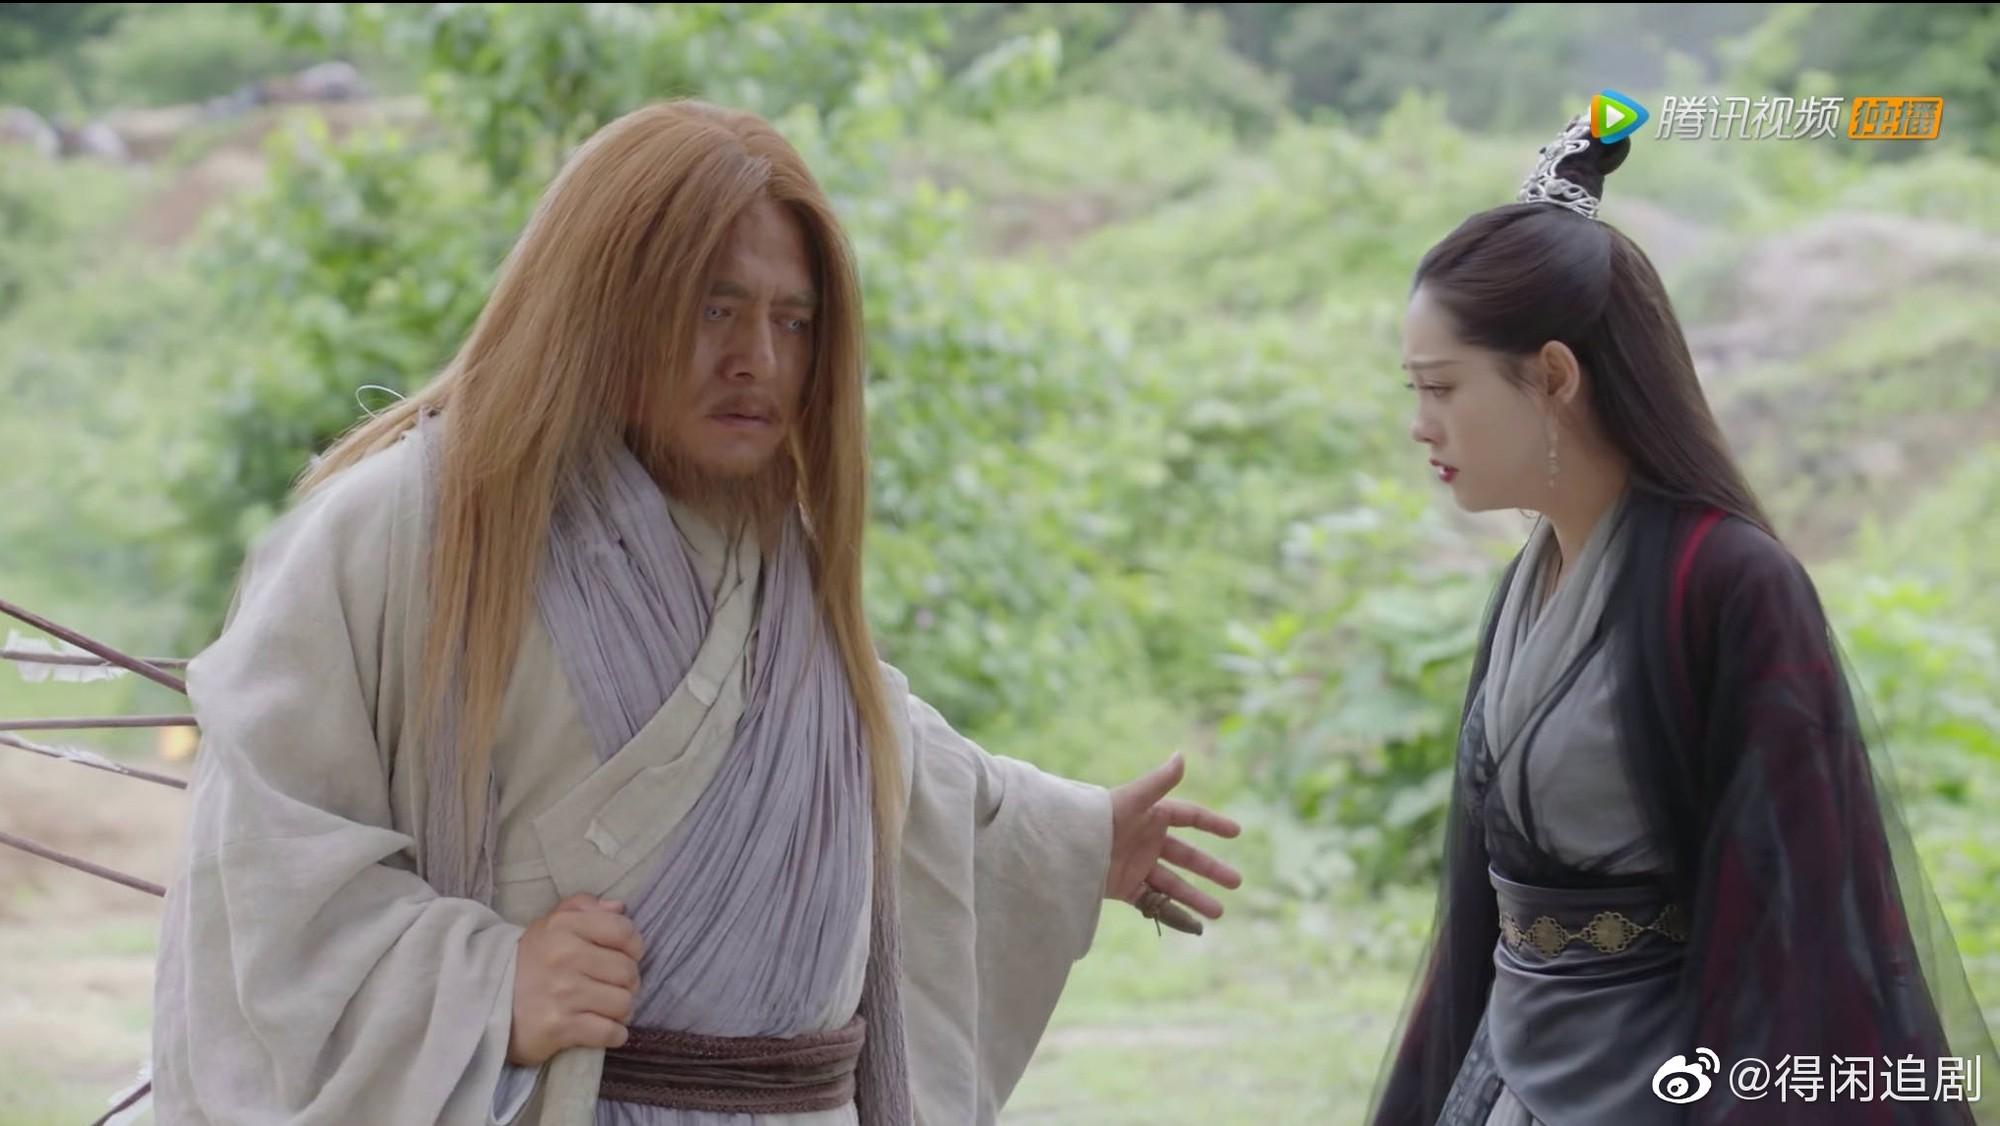 Thảm hoạ tập cuối Tân Ỷ Thiên Đồ Long Ký, netizen phẫn nộ: Biên kịch là mẹ đẻ Chu Chỉ Nhược đúng không? - Ảnh 4.